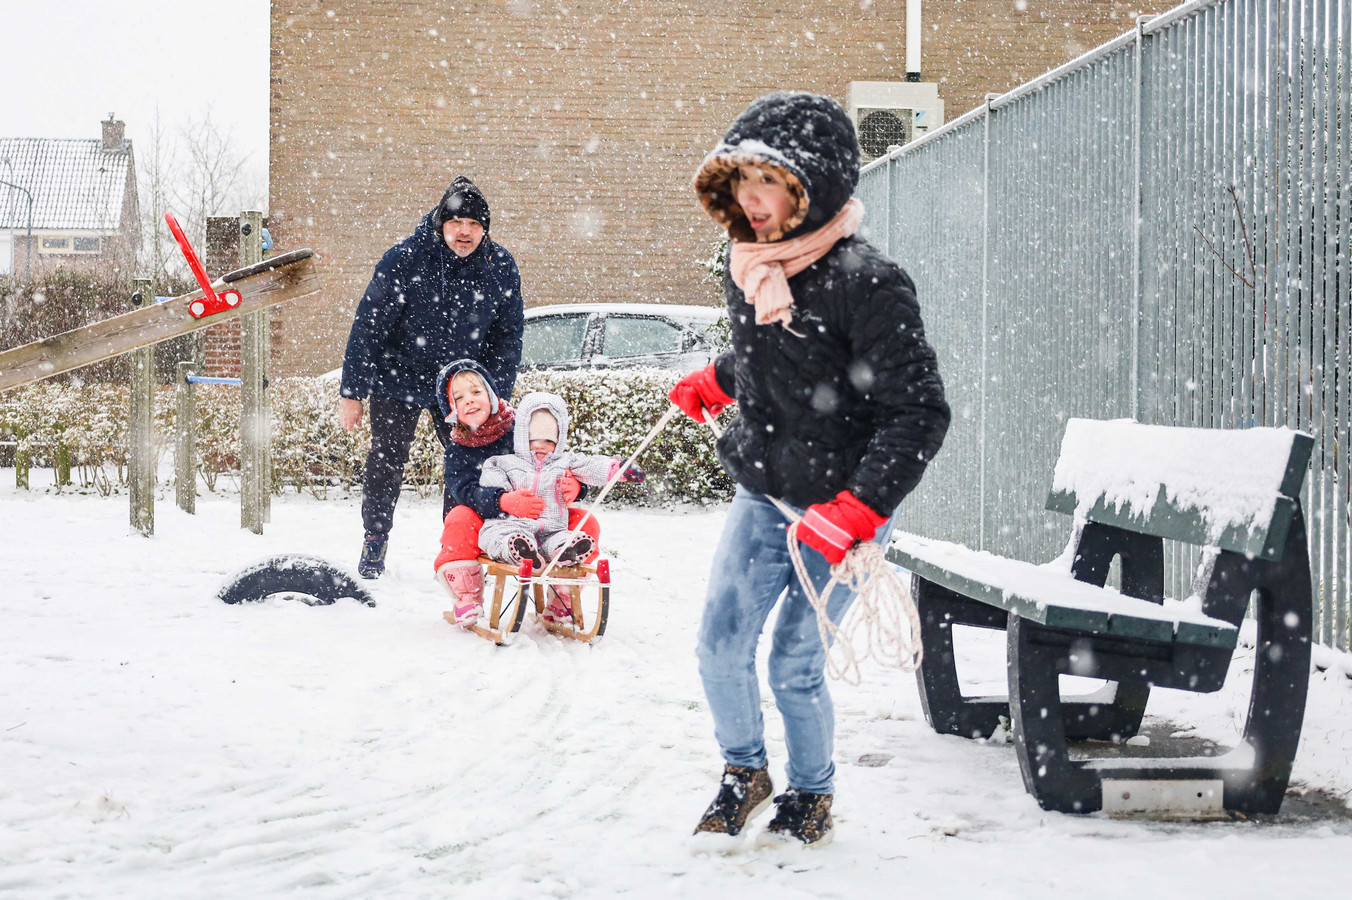 Kinderen en hun ouders spelen met een slee in de sneeuw.